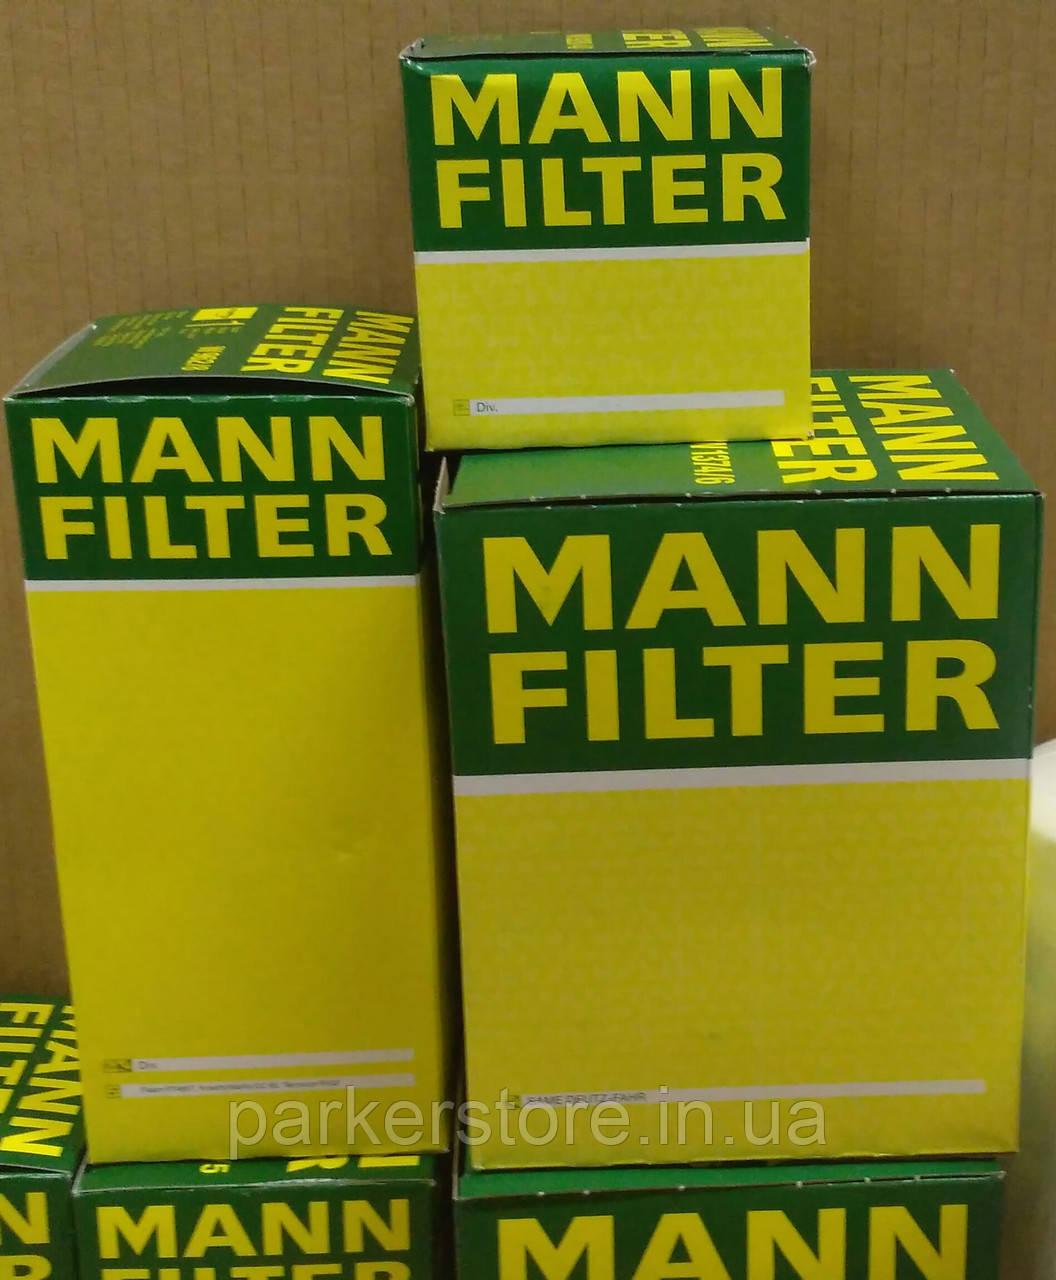 MANN FILTER / Воздушный фильтр / C 30 163 / C30163